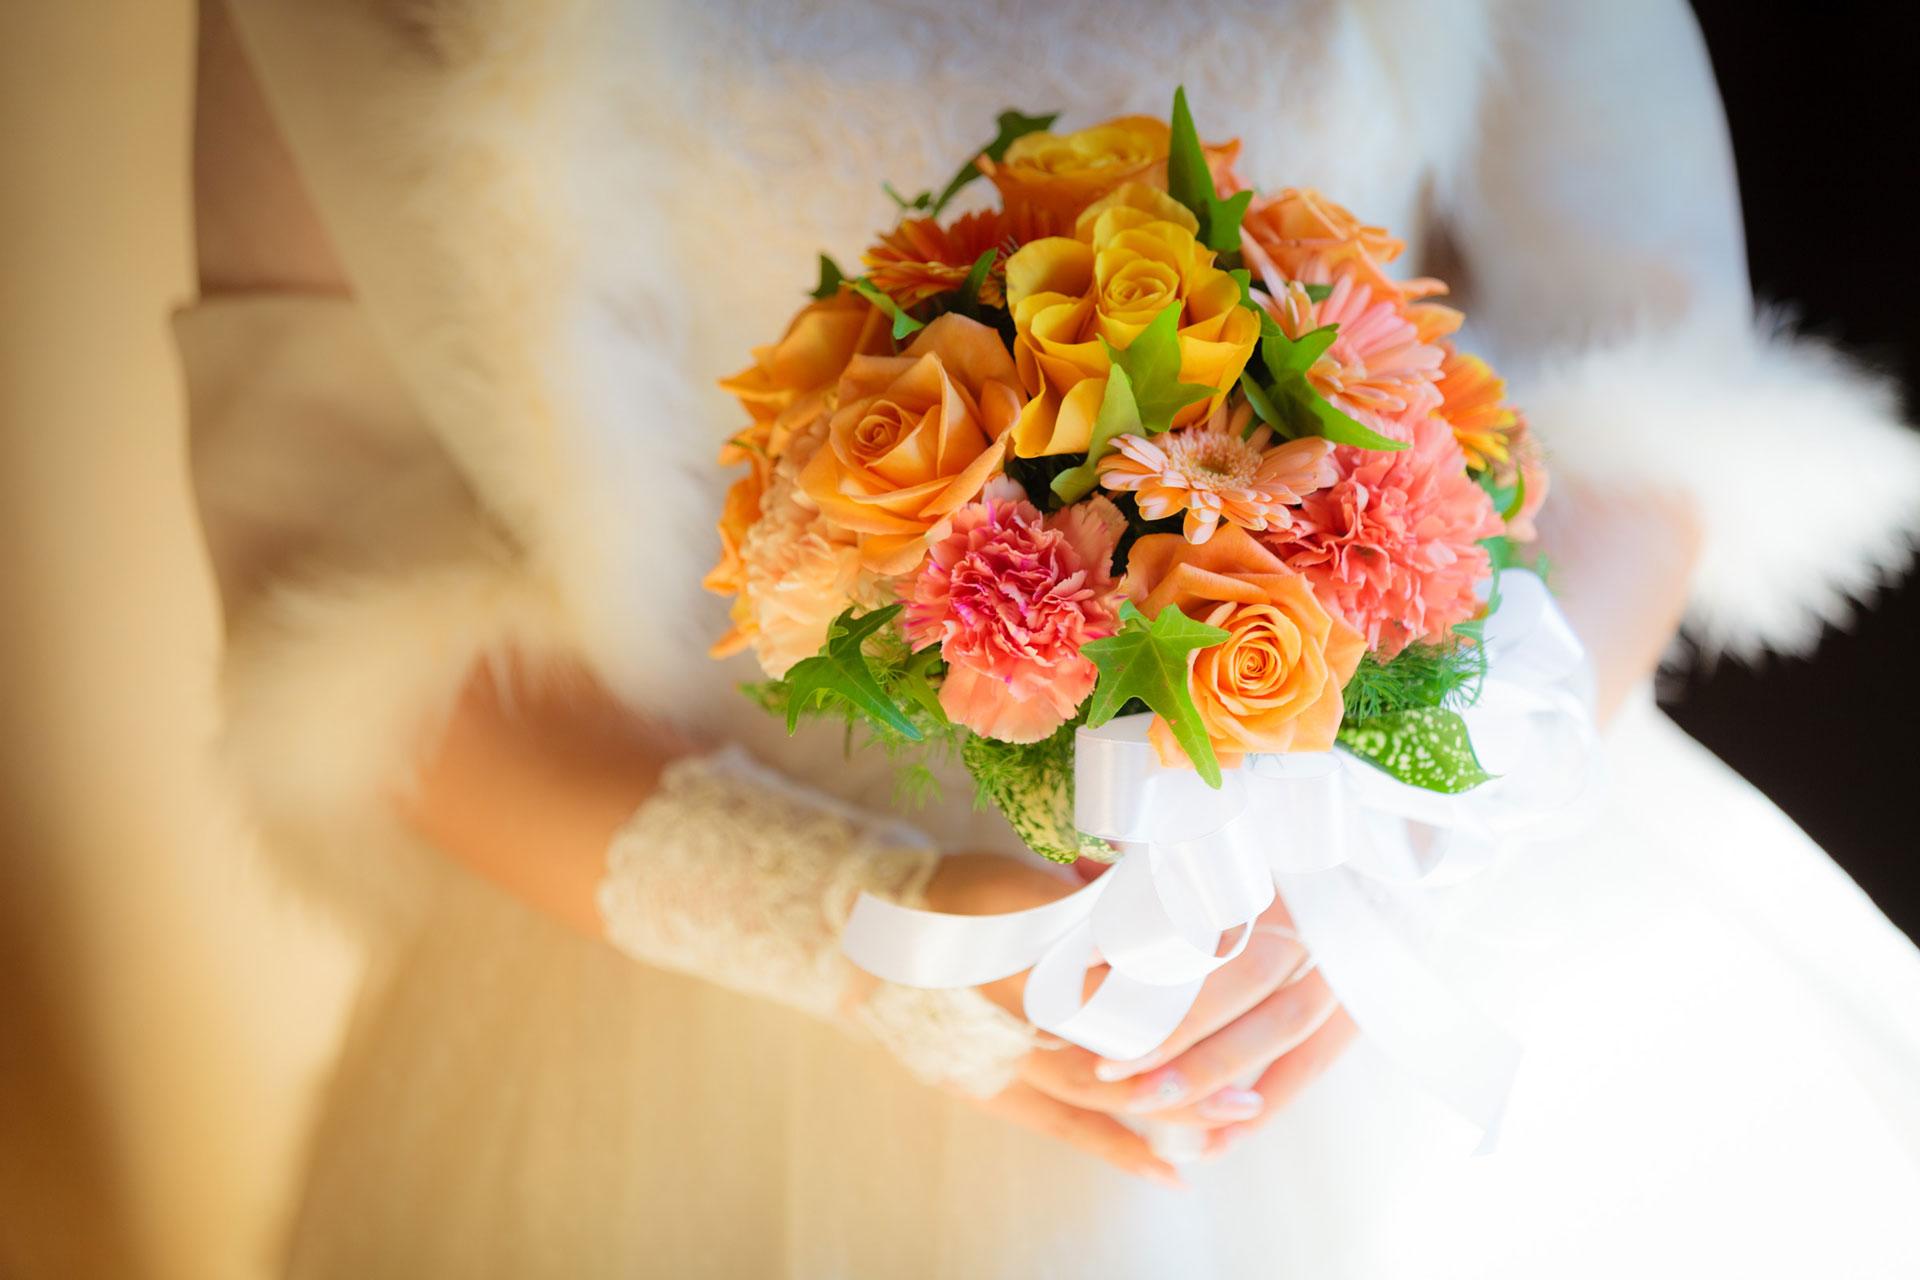 オレンジ色を基調とした装花